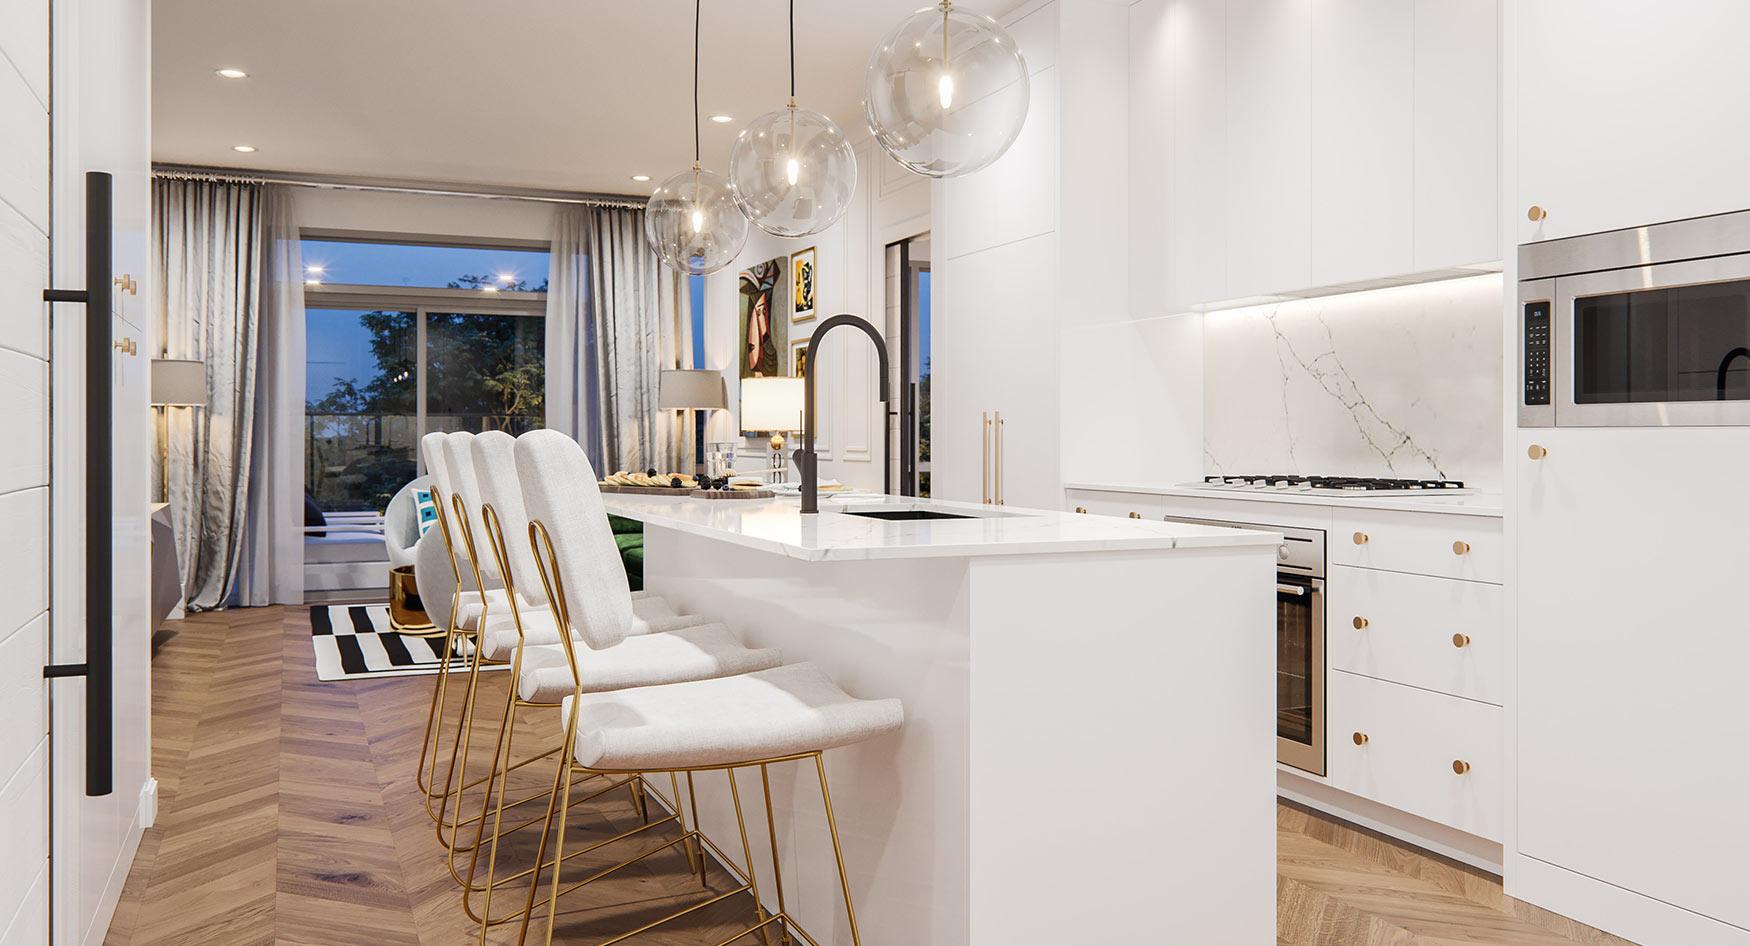 Bright, Airy & White Kitchen